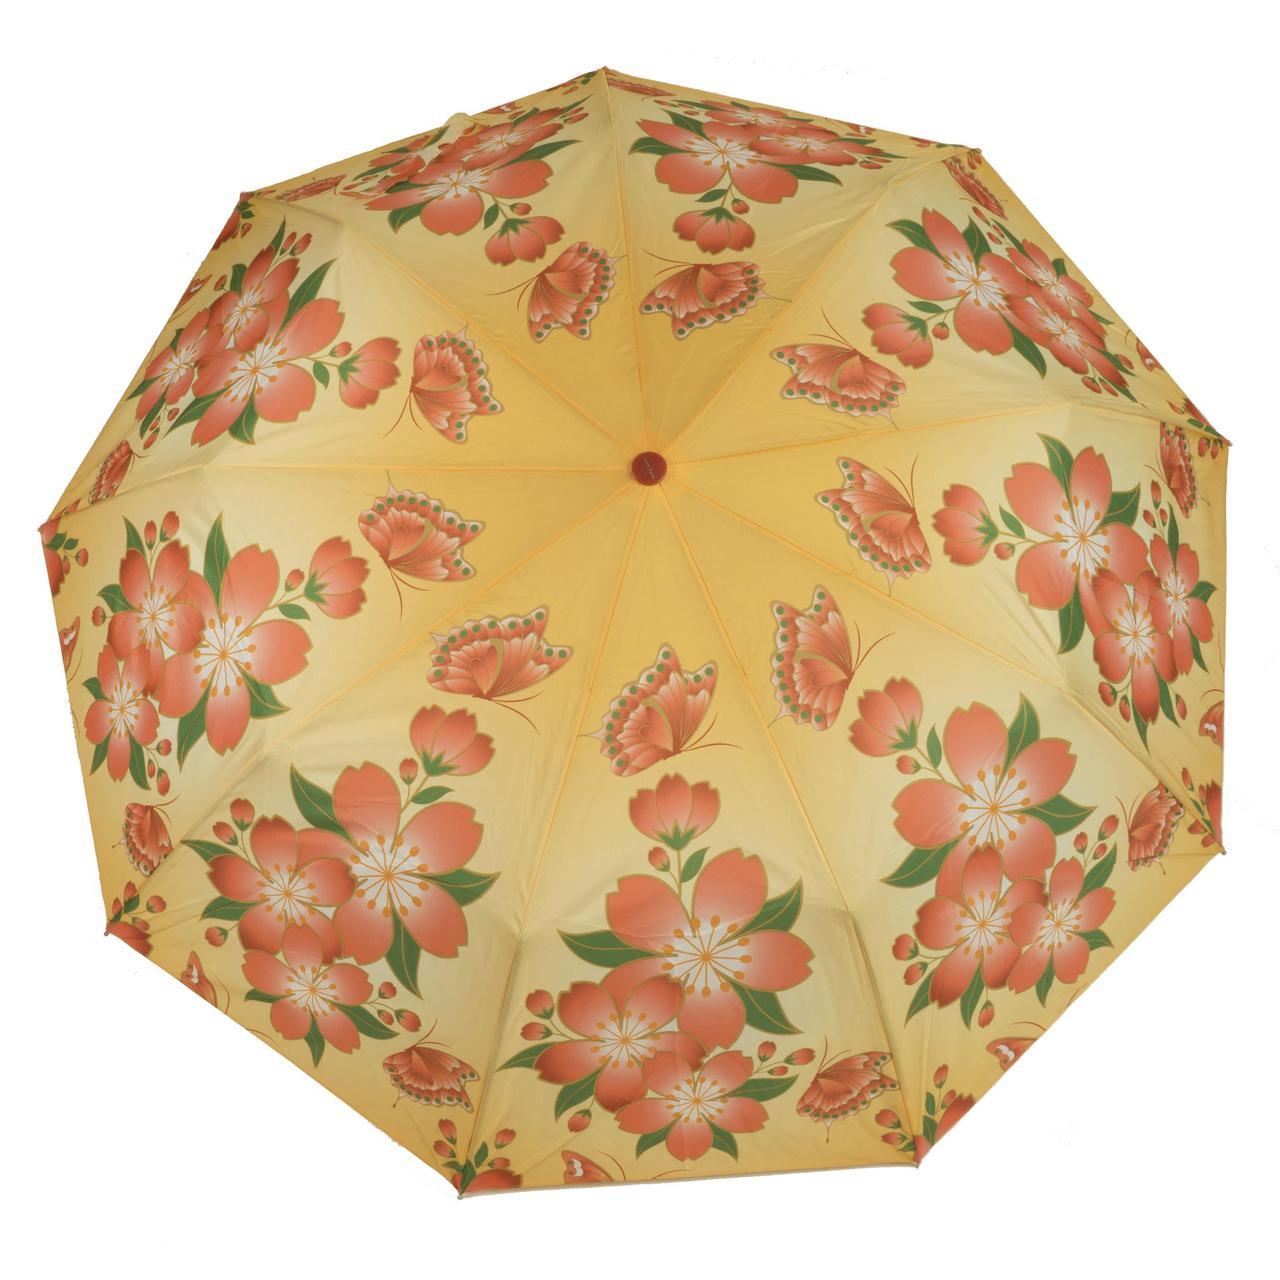 Женский качественный прочный зонтик полуавтомат SUNN RAIN art. 1713 яркий (102953)